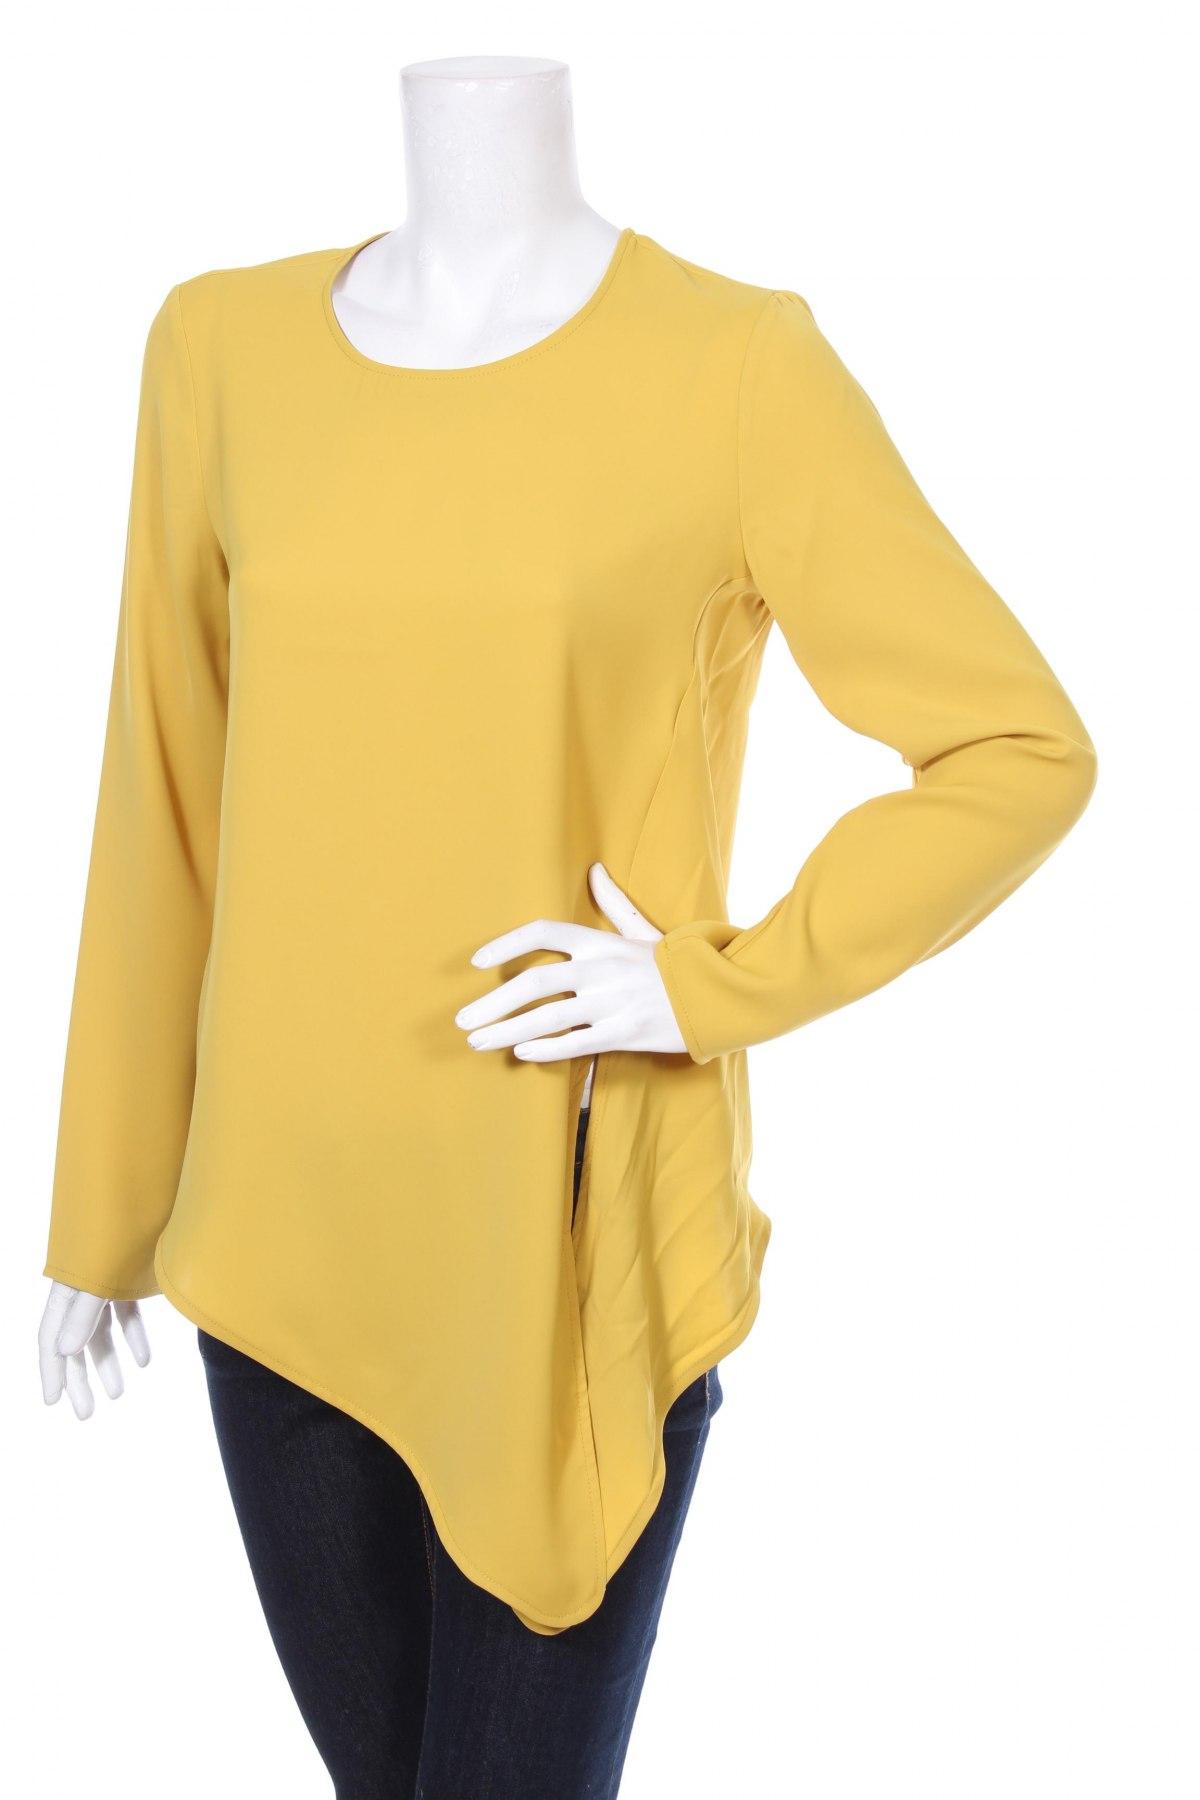 Γυναικεία μπλούζα Someday. - σε συμφέρουσα τιμή στο Remix -  103669440 d60fb1a7bf1